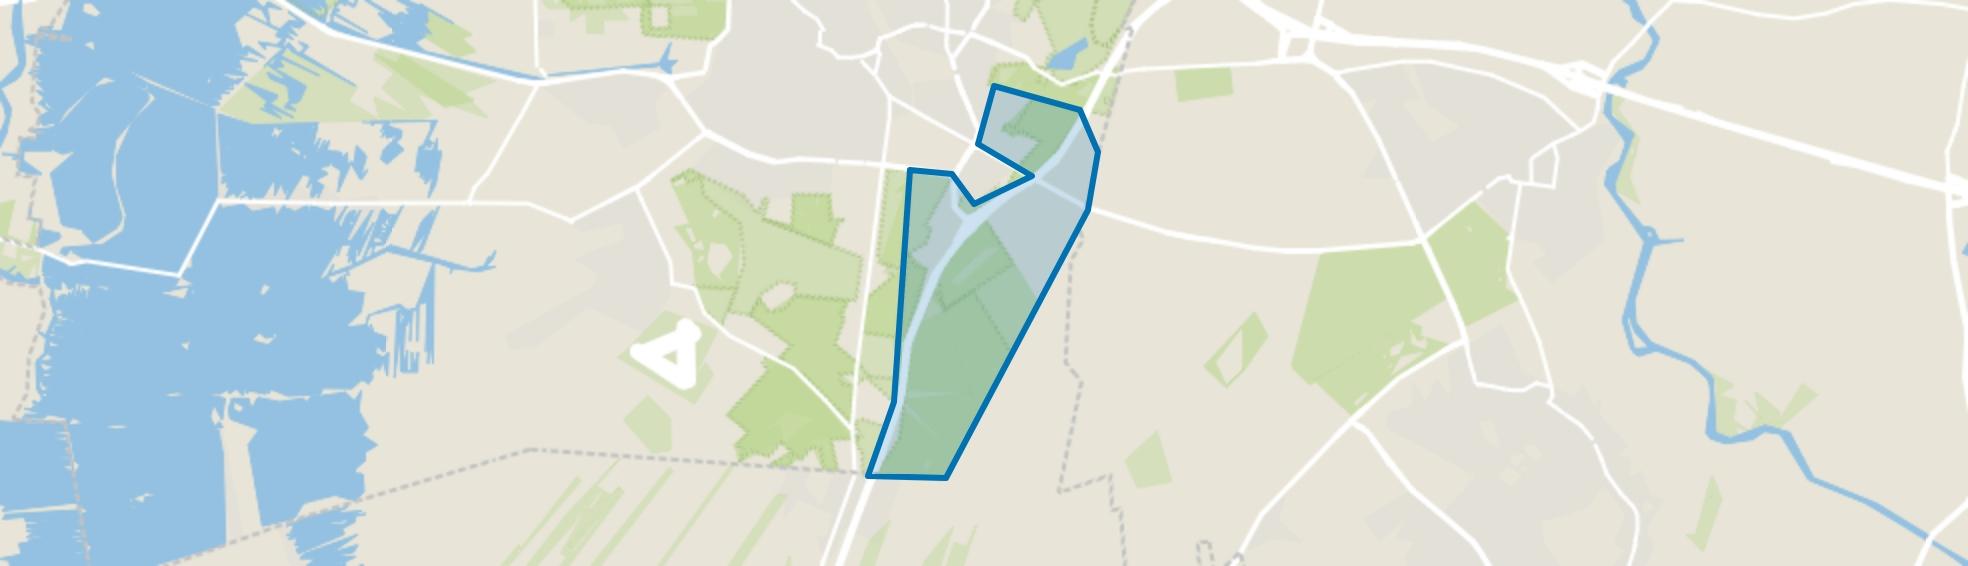 Landelijk Gebied 93, Hilversum map